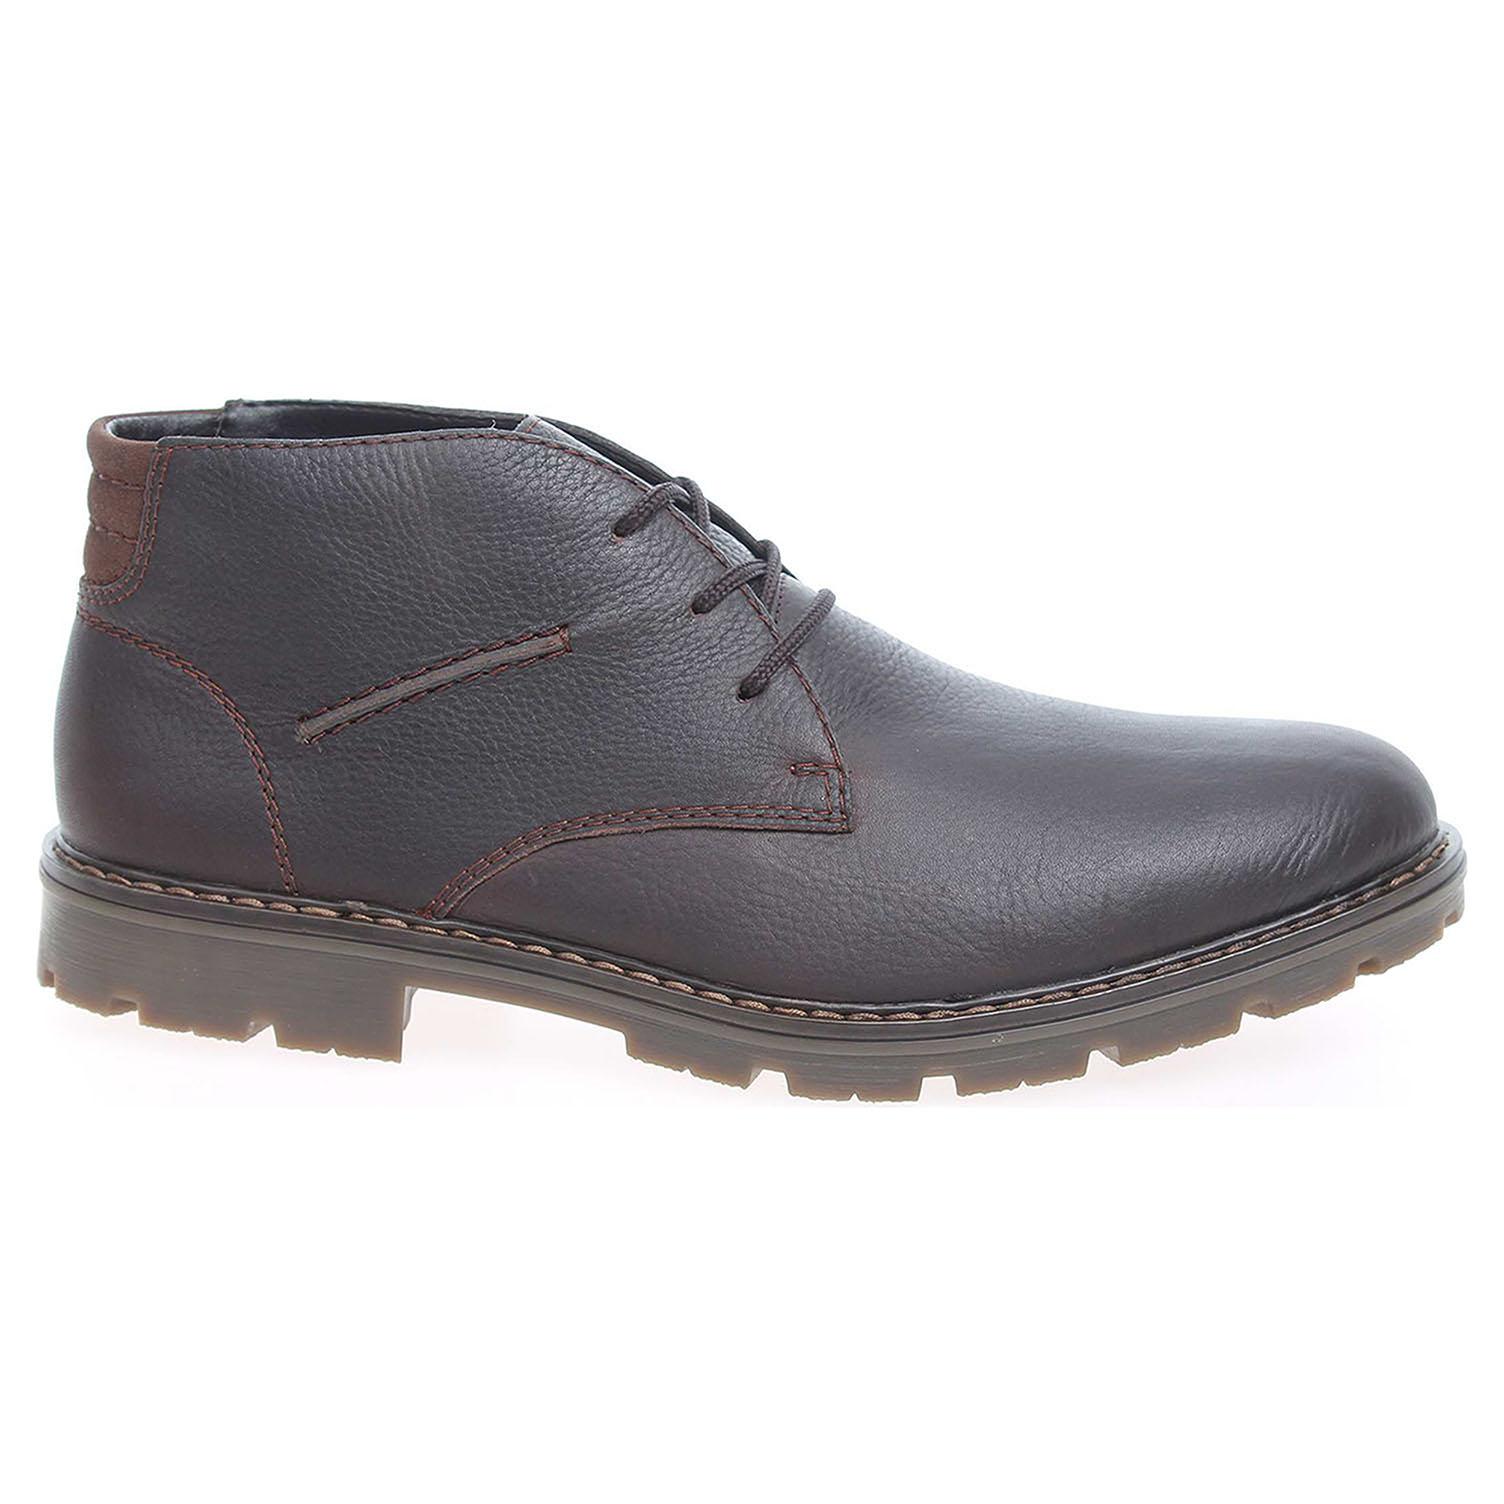 Pánská kotníková obuv Rieker 32104-25 hnědé 45